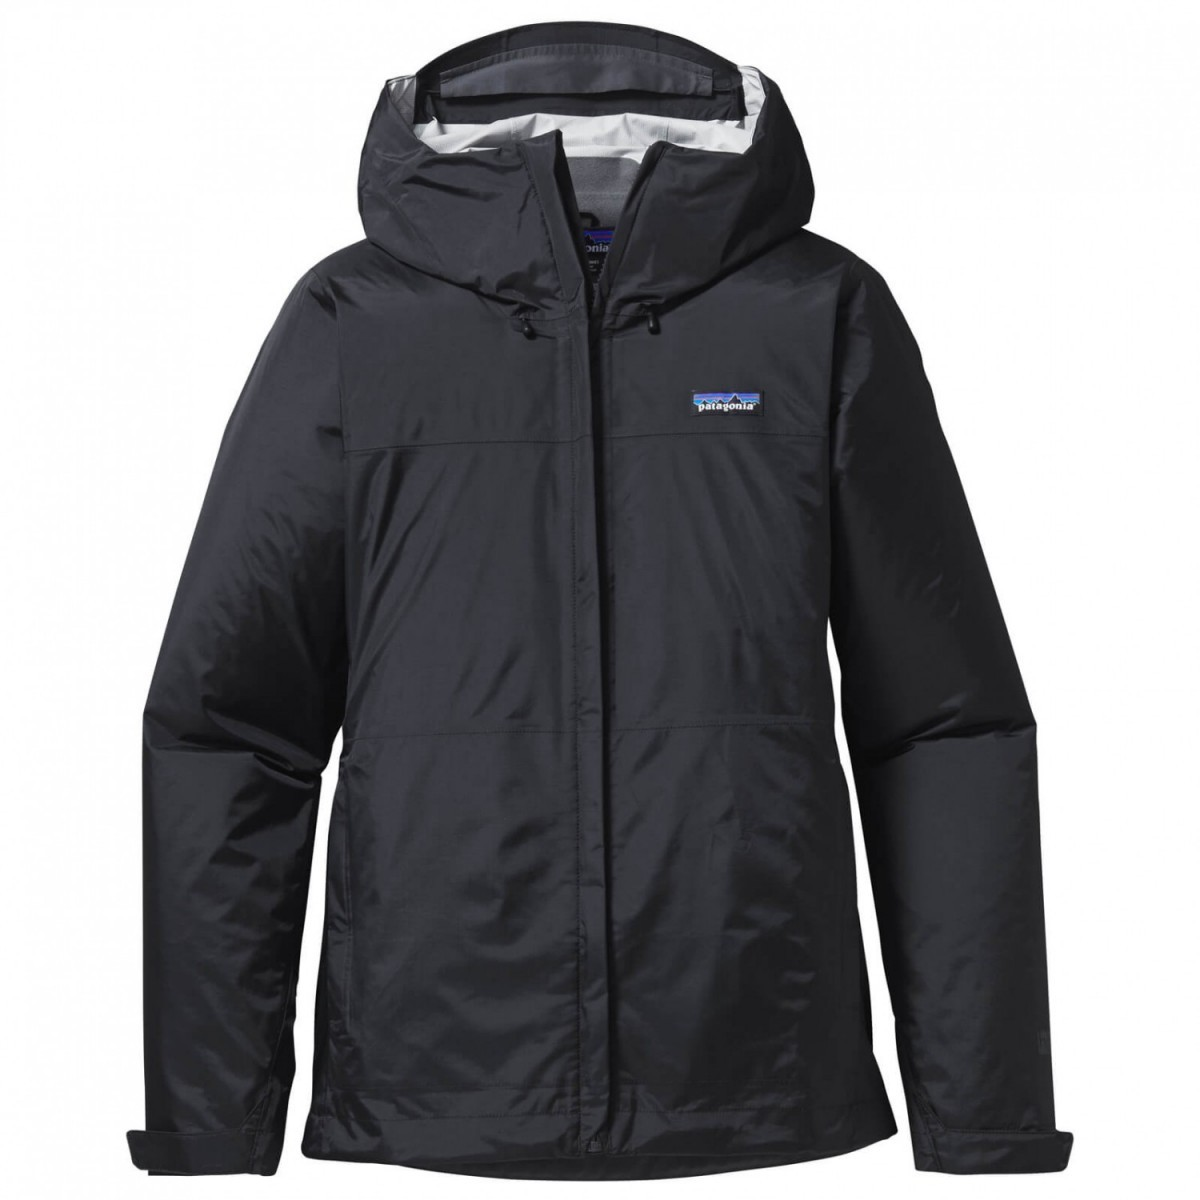 パタゴニア Torrentshell Jacket (Black)